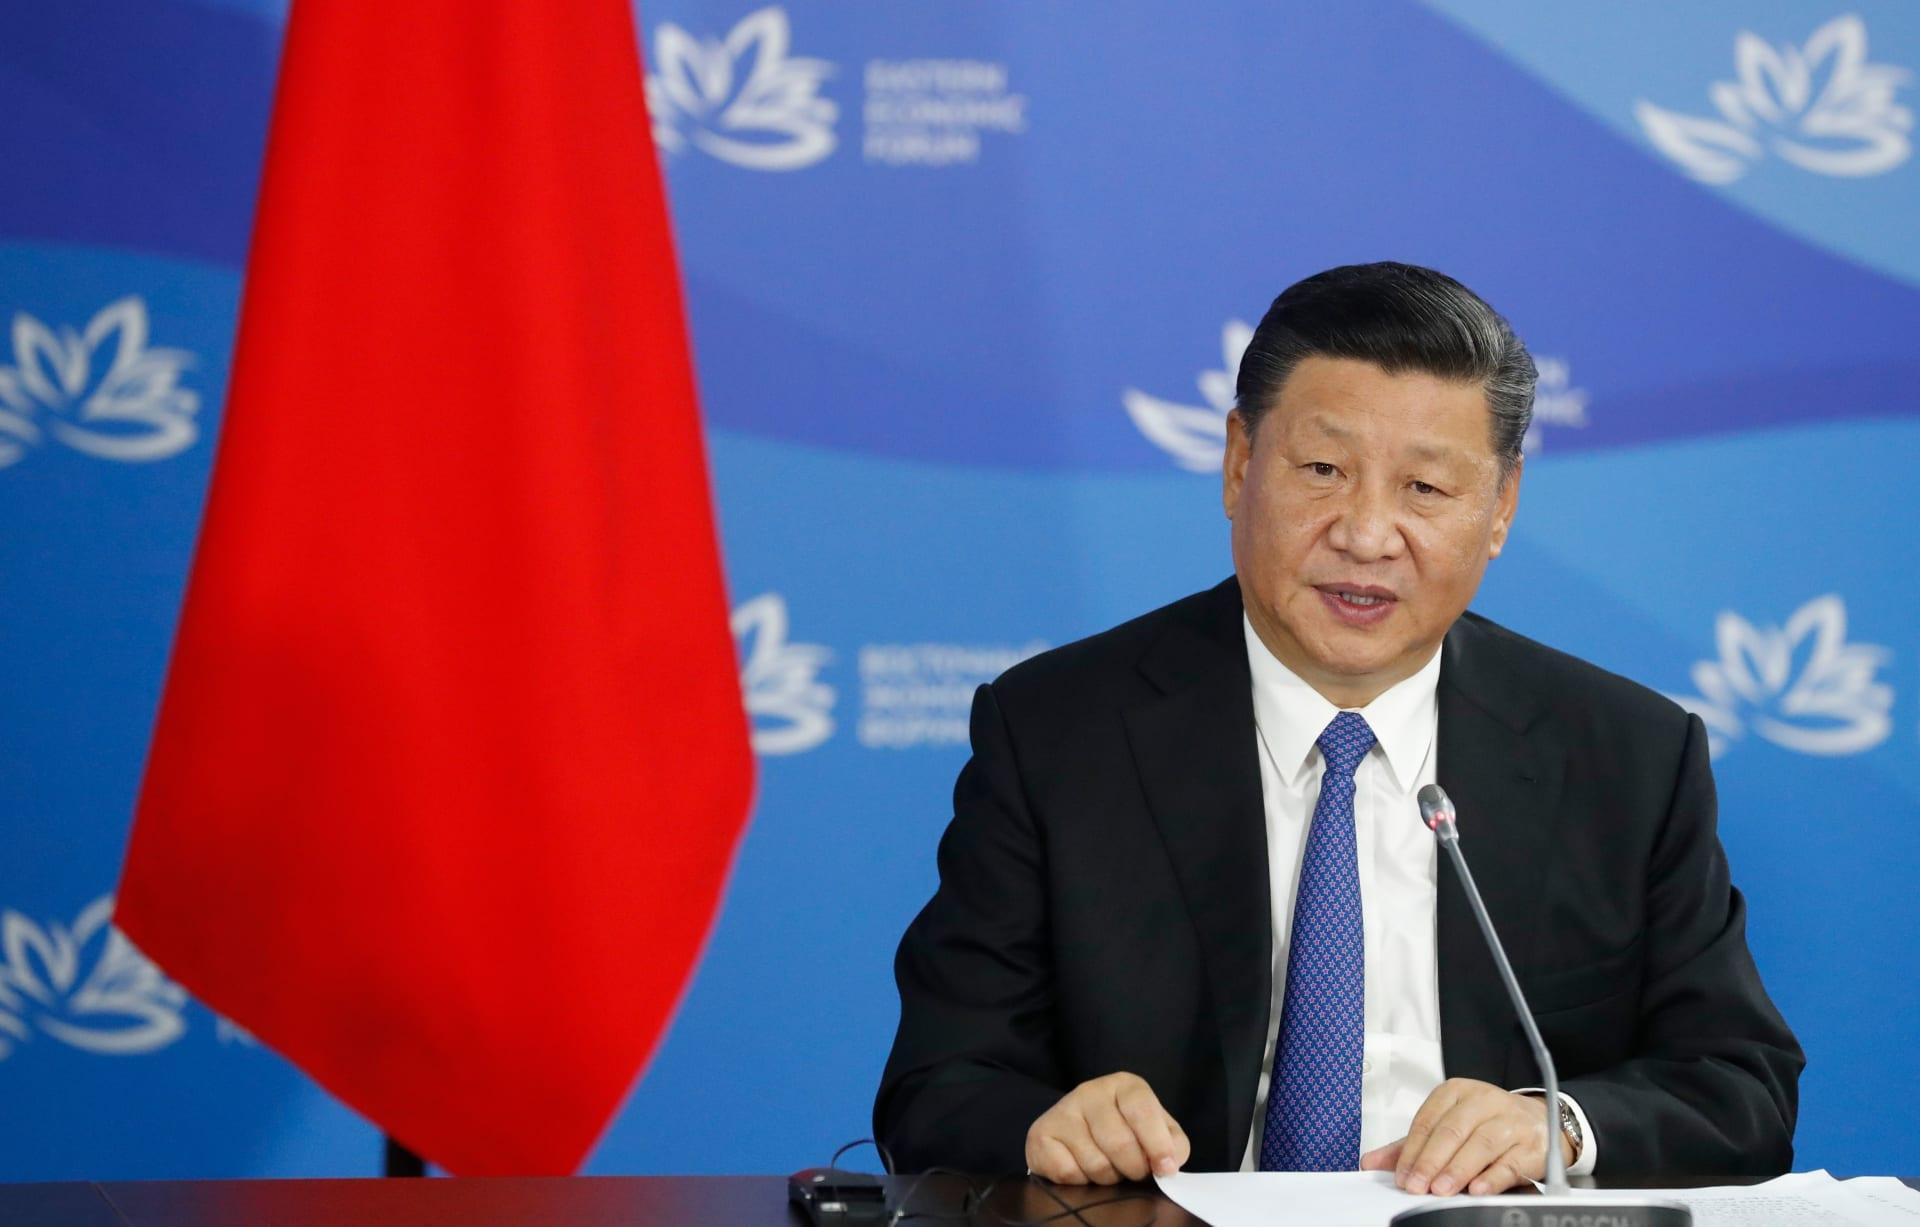 الرئيس الصيني يتعهد بانفتاح بلاده على العالم بشكل أوسع